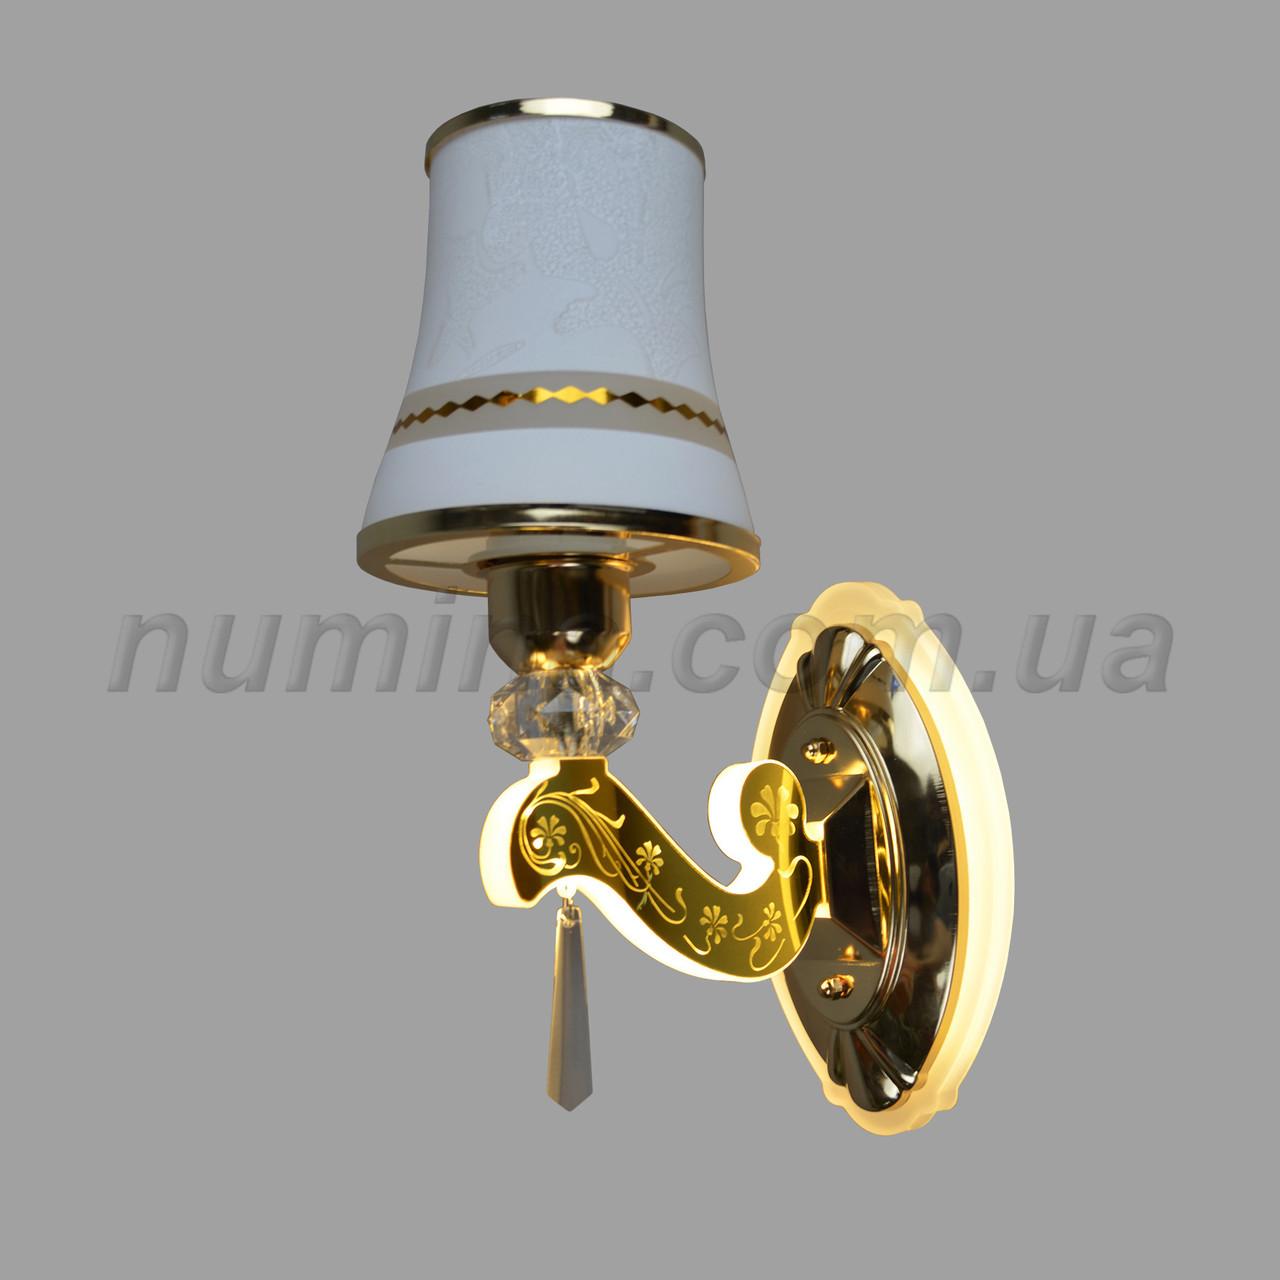 Бра на одну лампу+LED HQ-2108/1W FGD